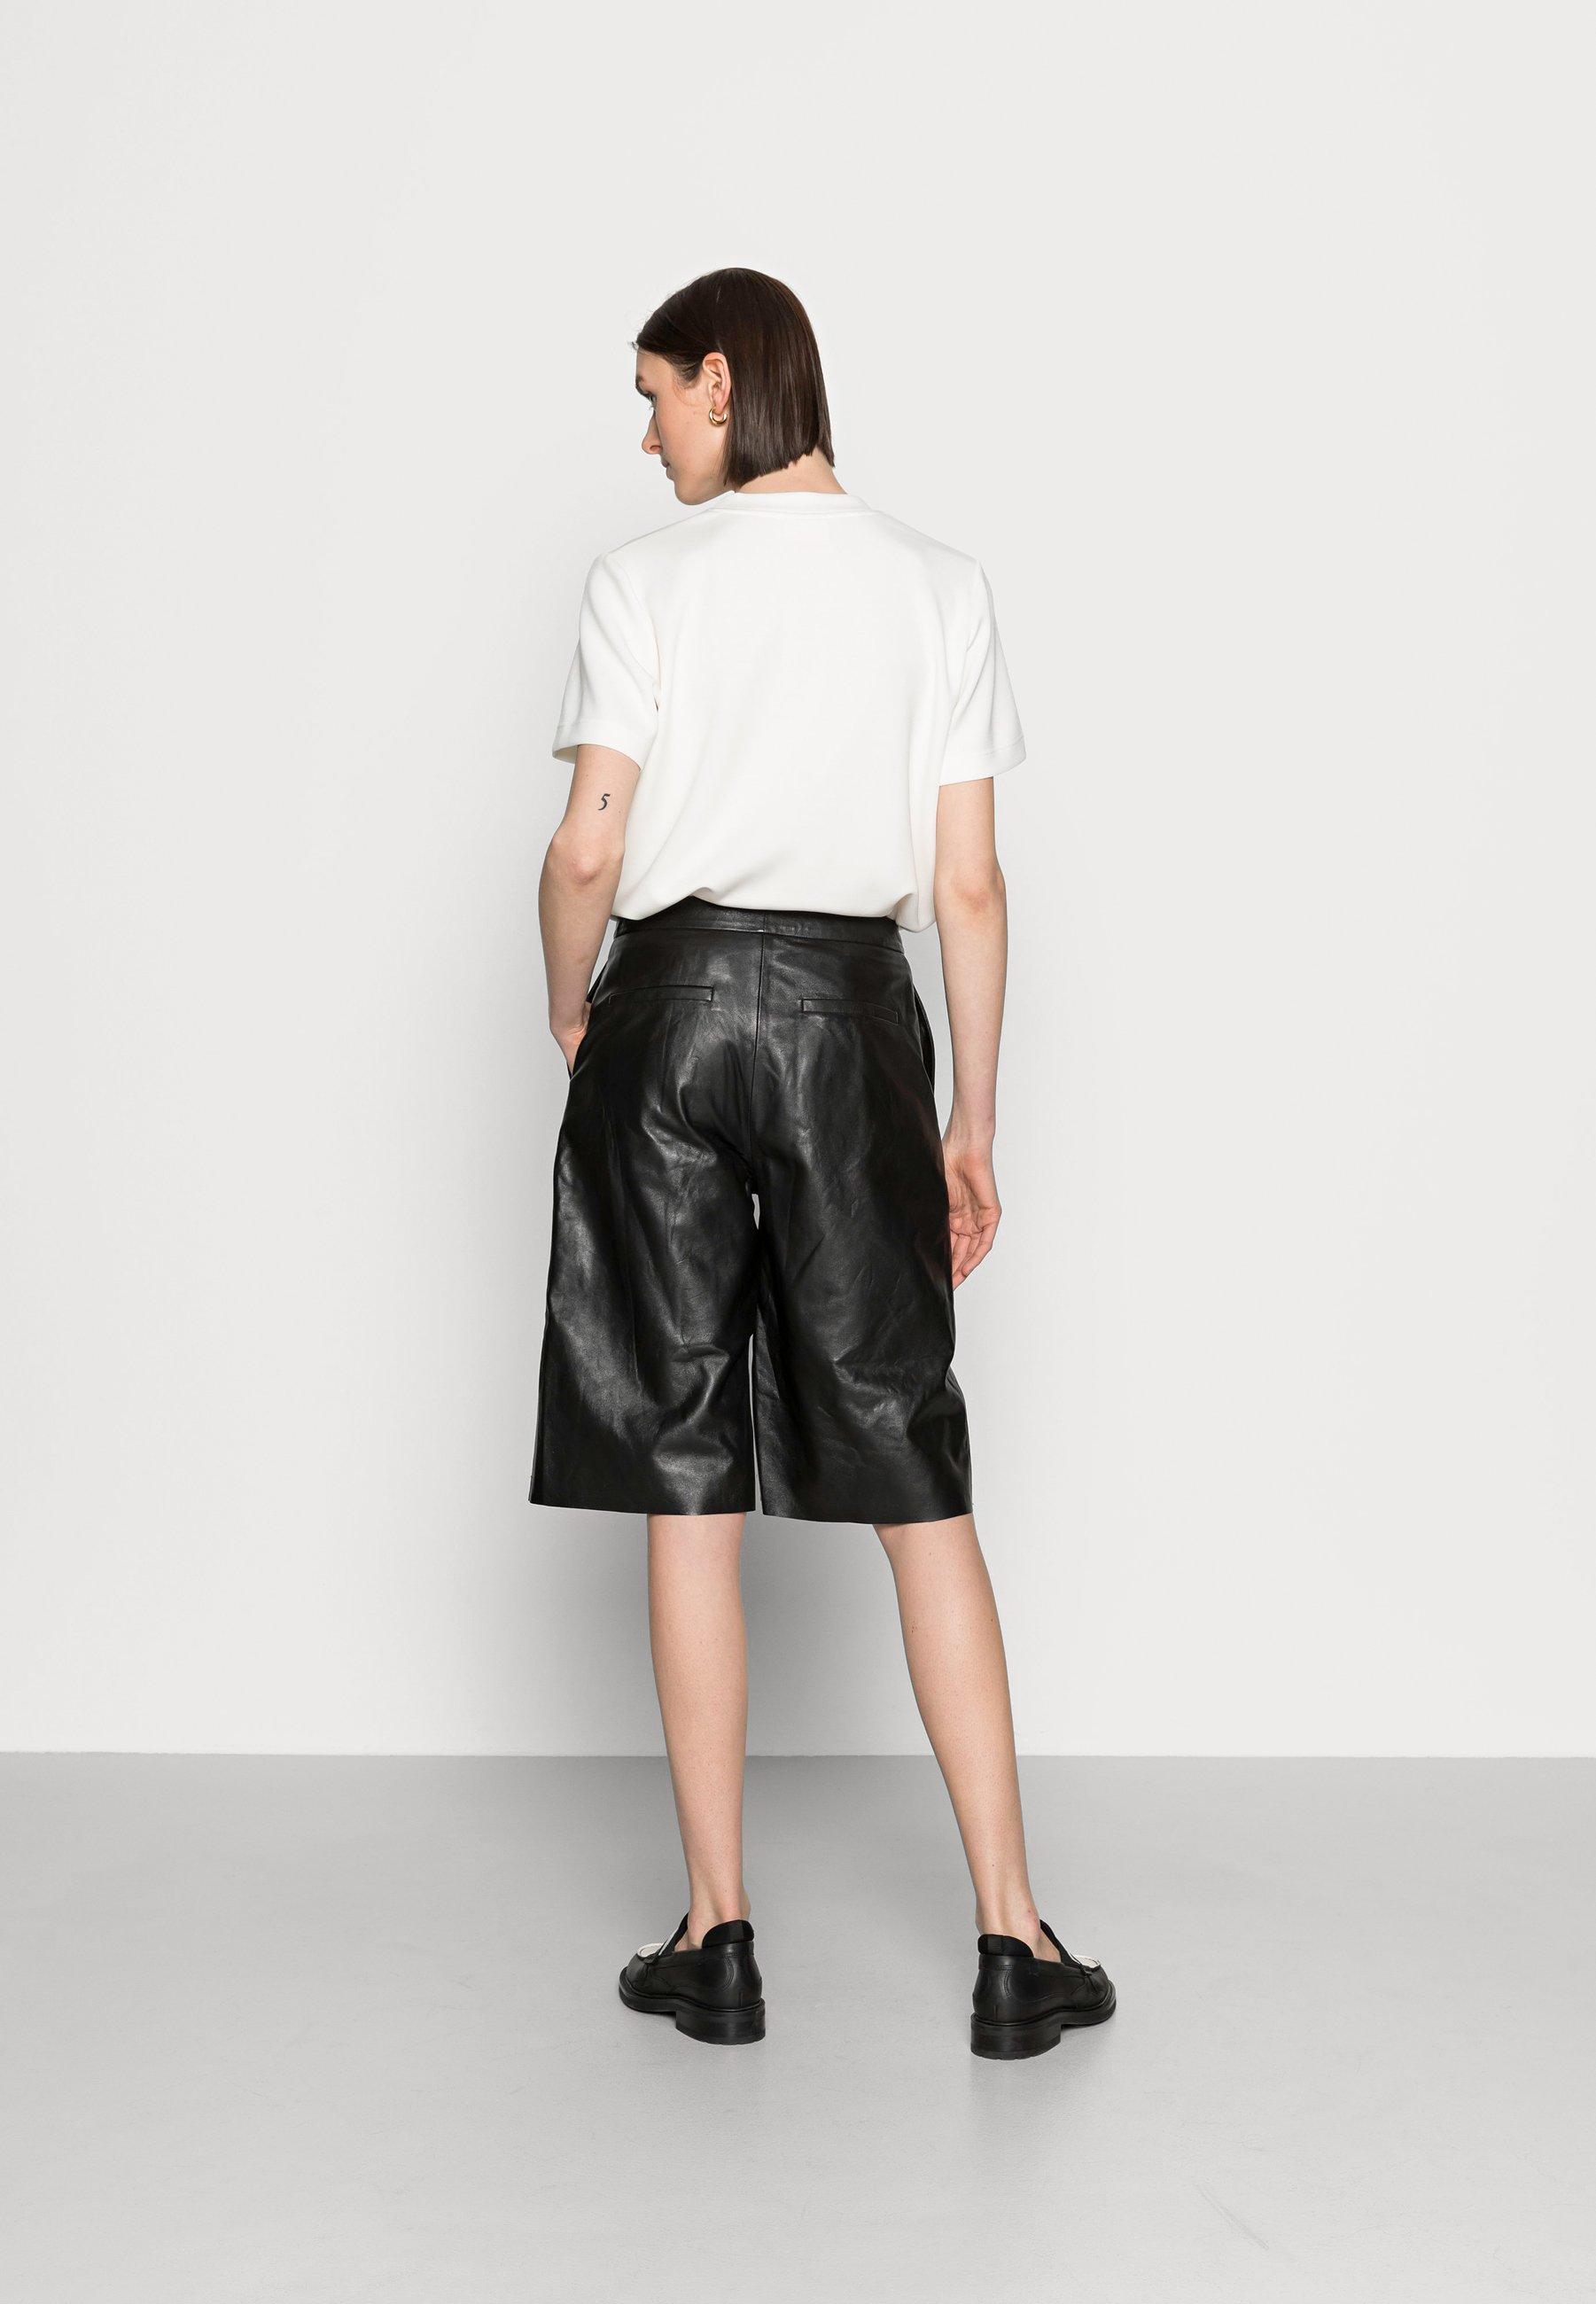 Femme JOYCE - Jupe en cuir